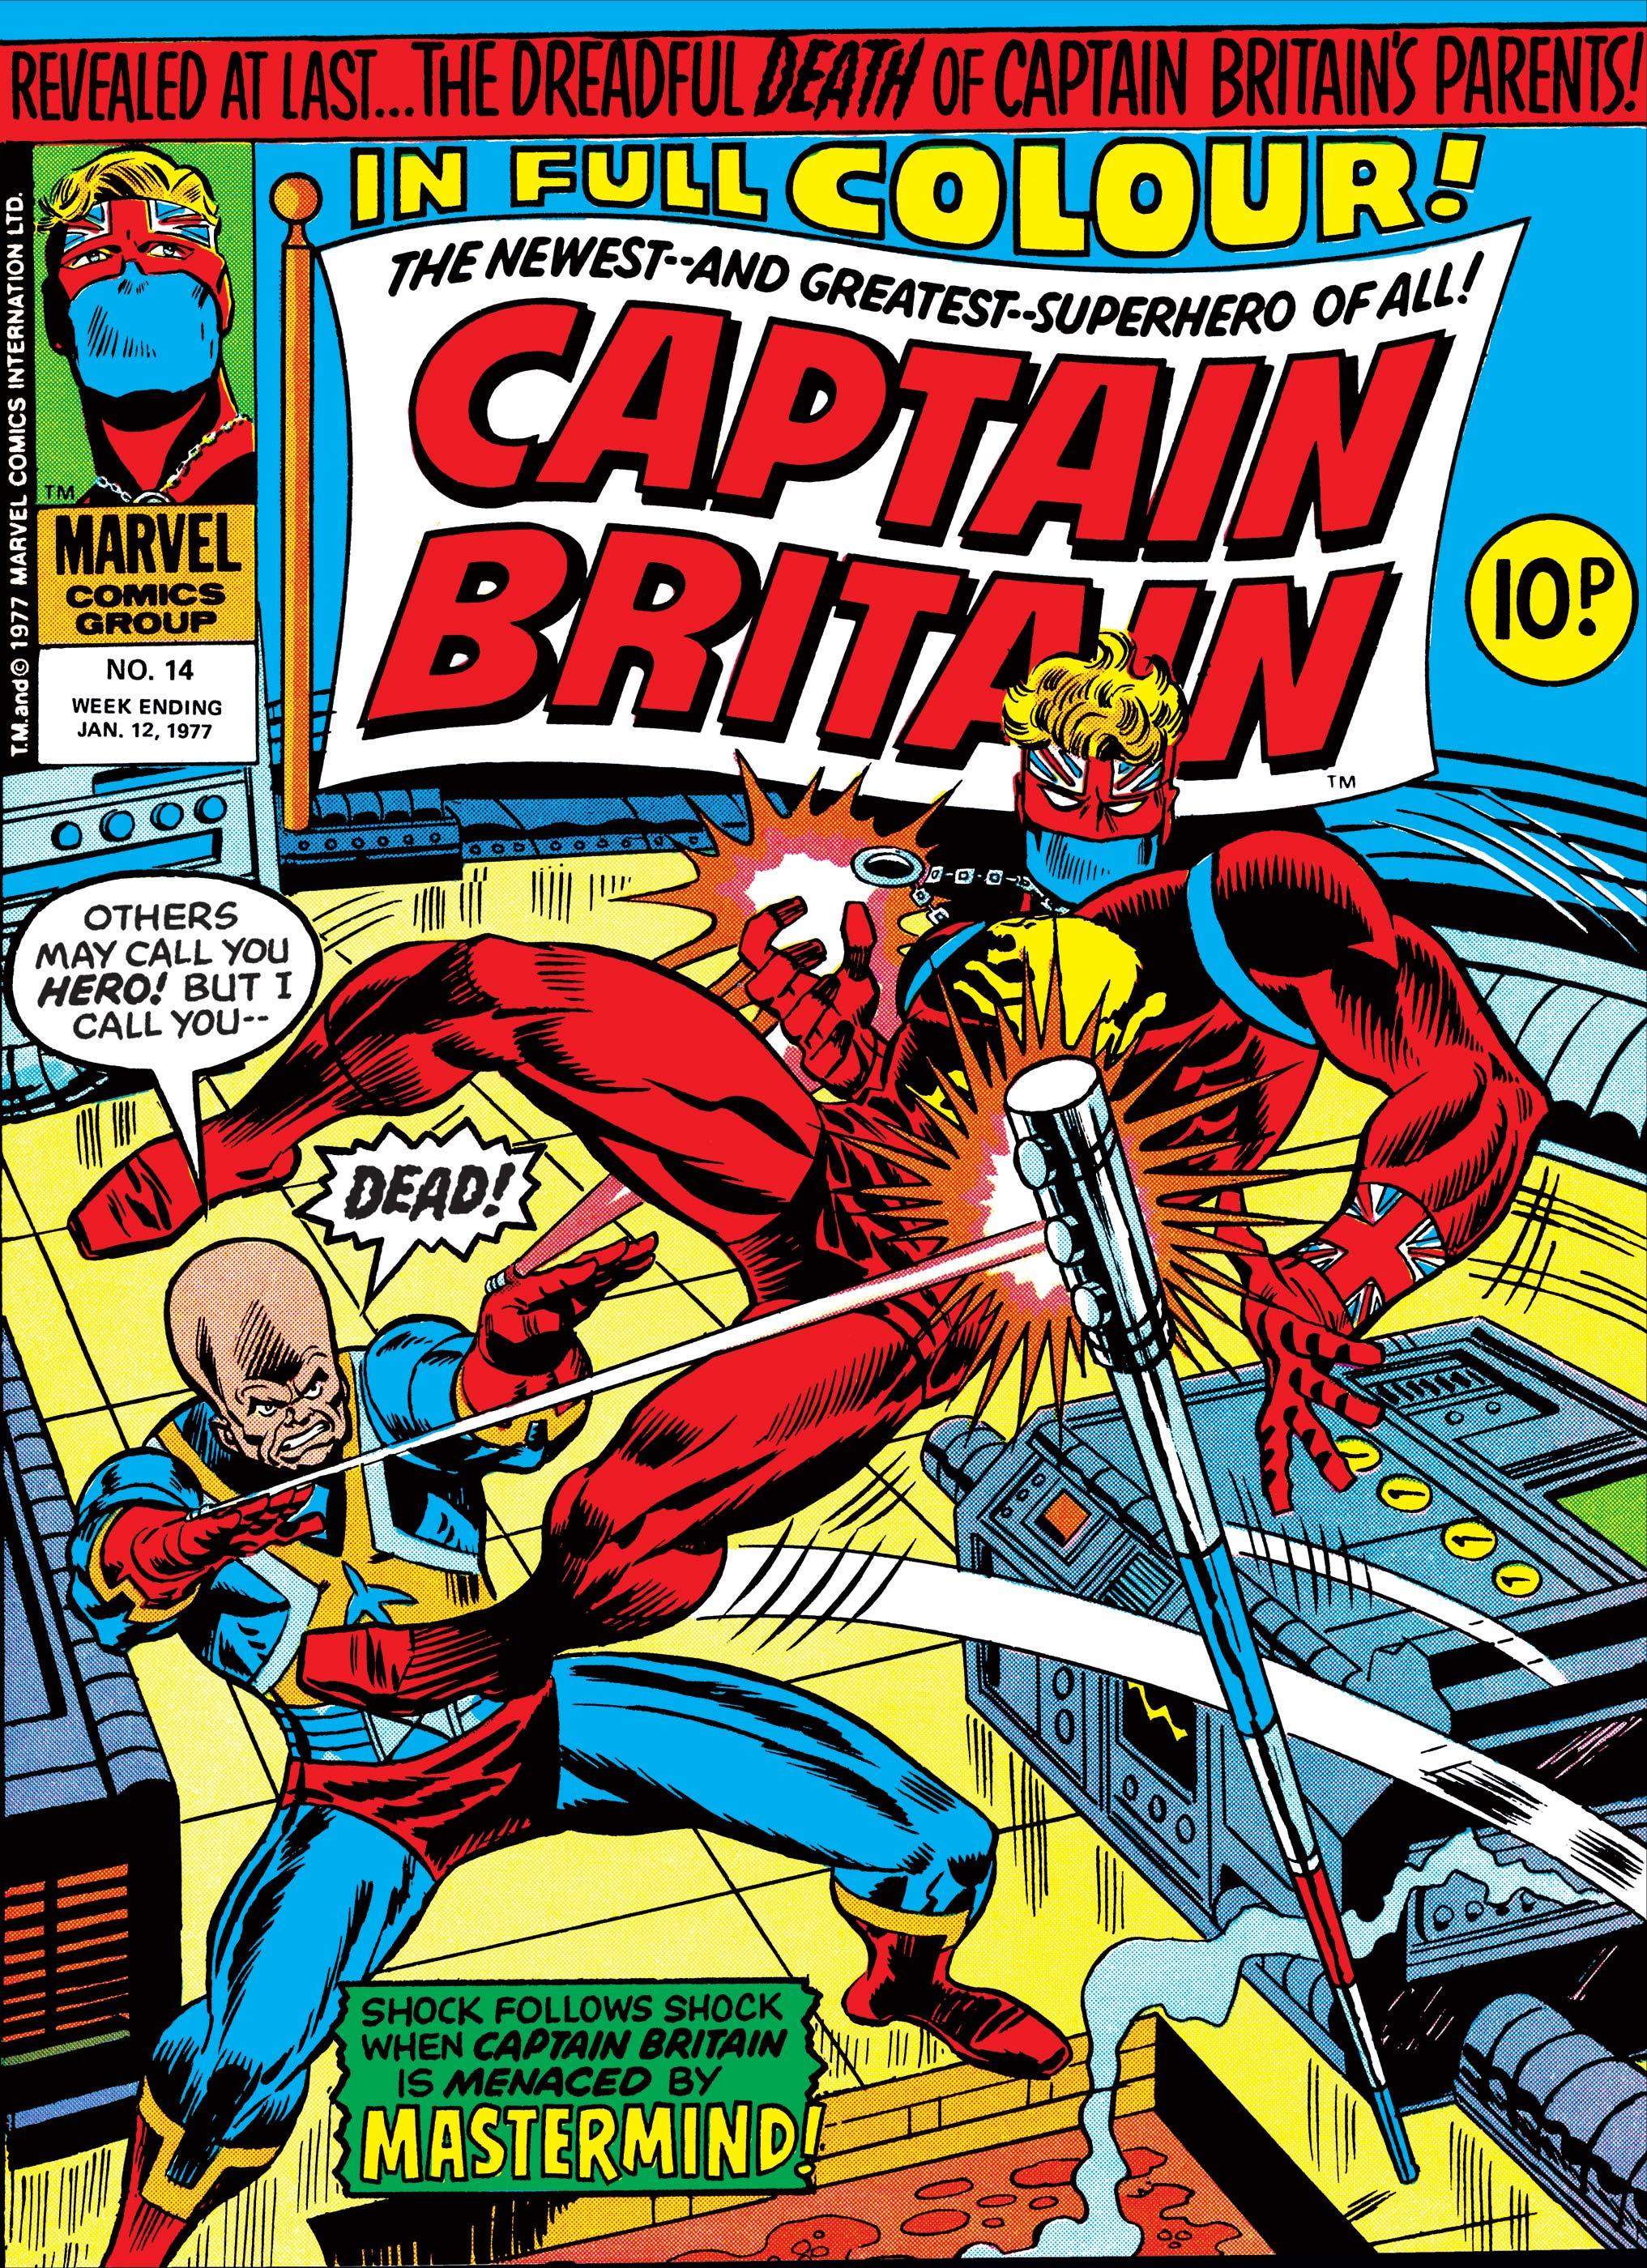 Captain Britain (1976) #14